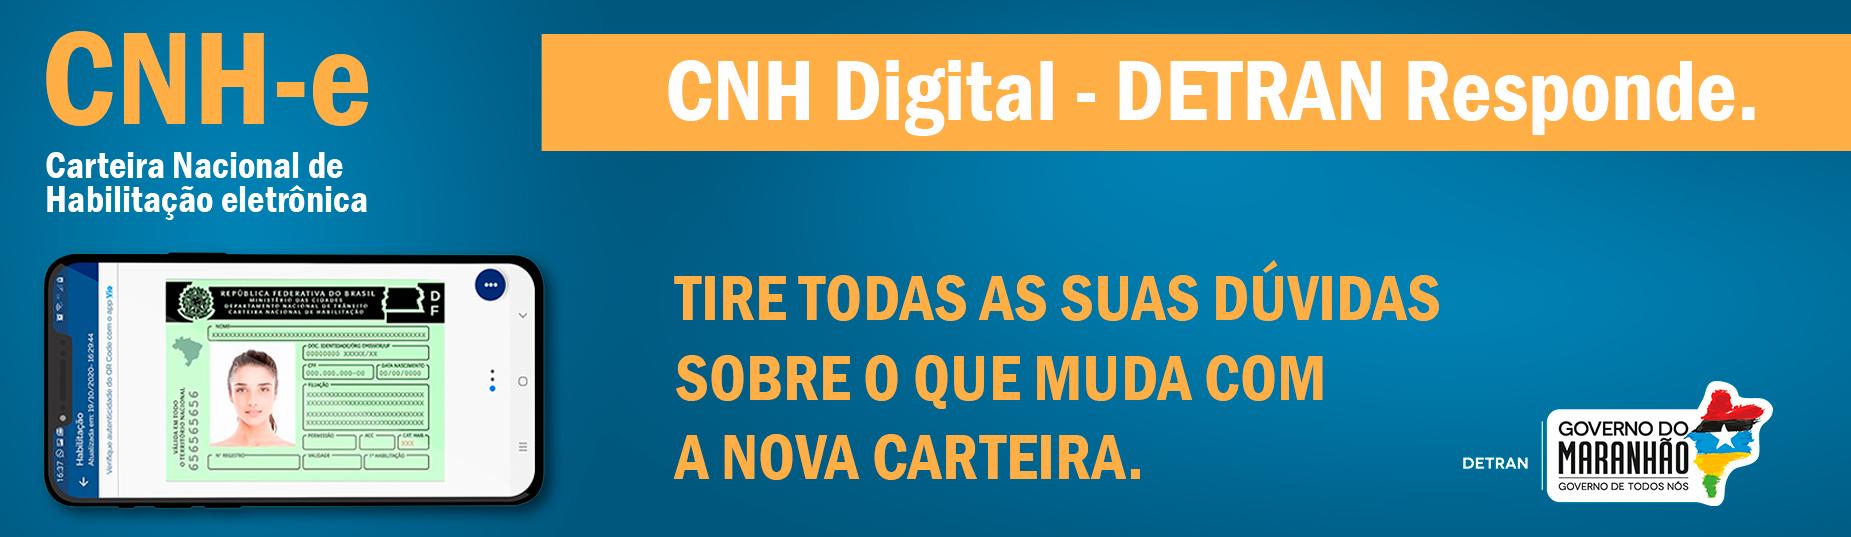 CNHe - CNH Digital